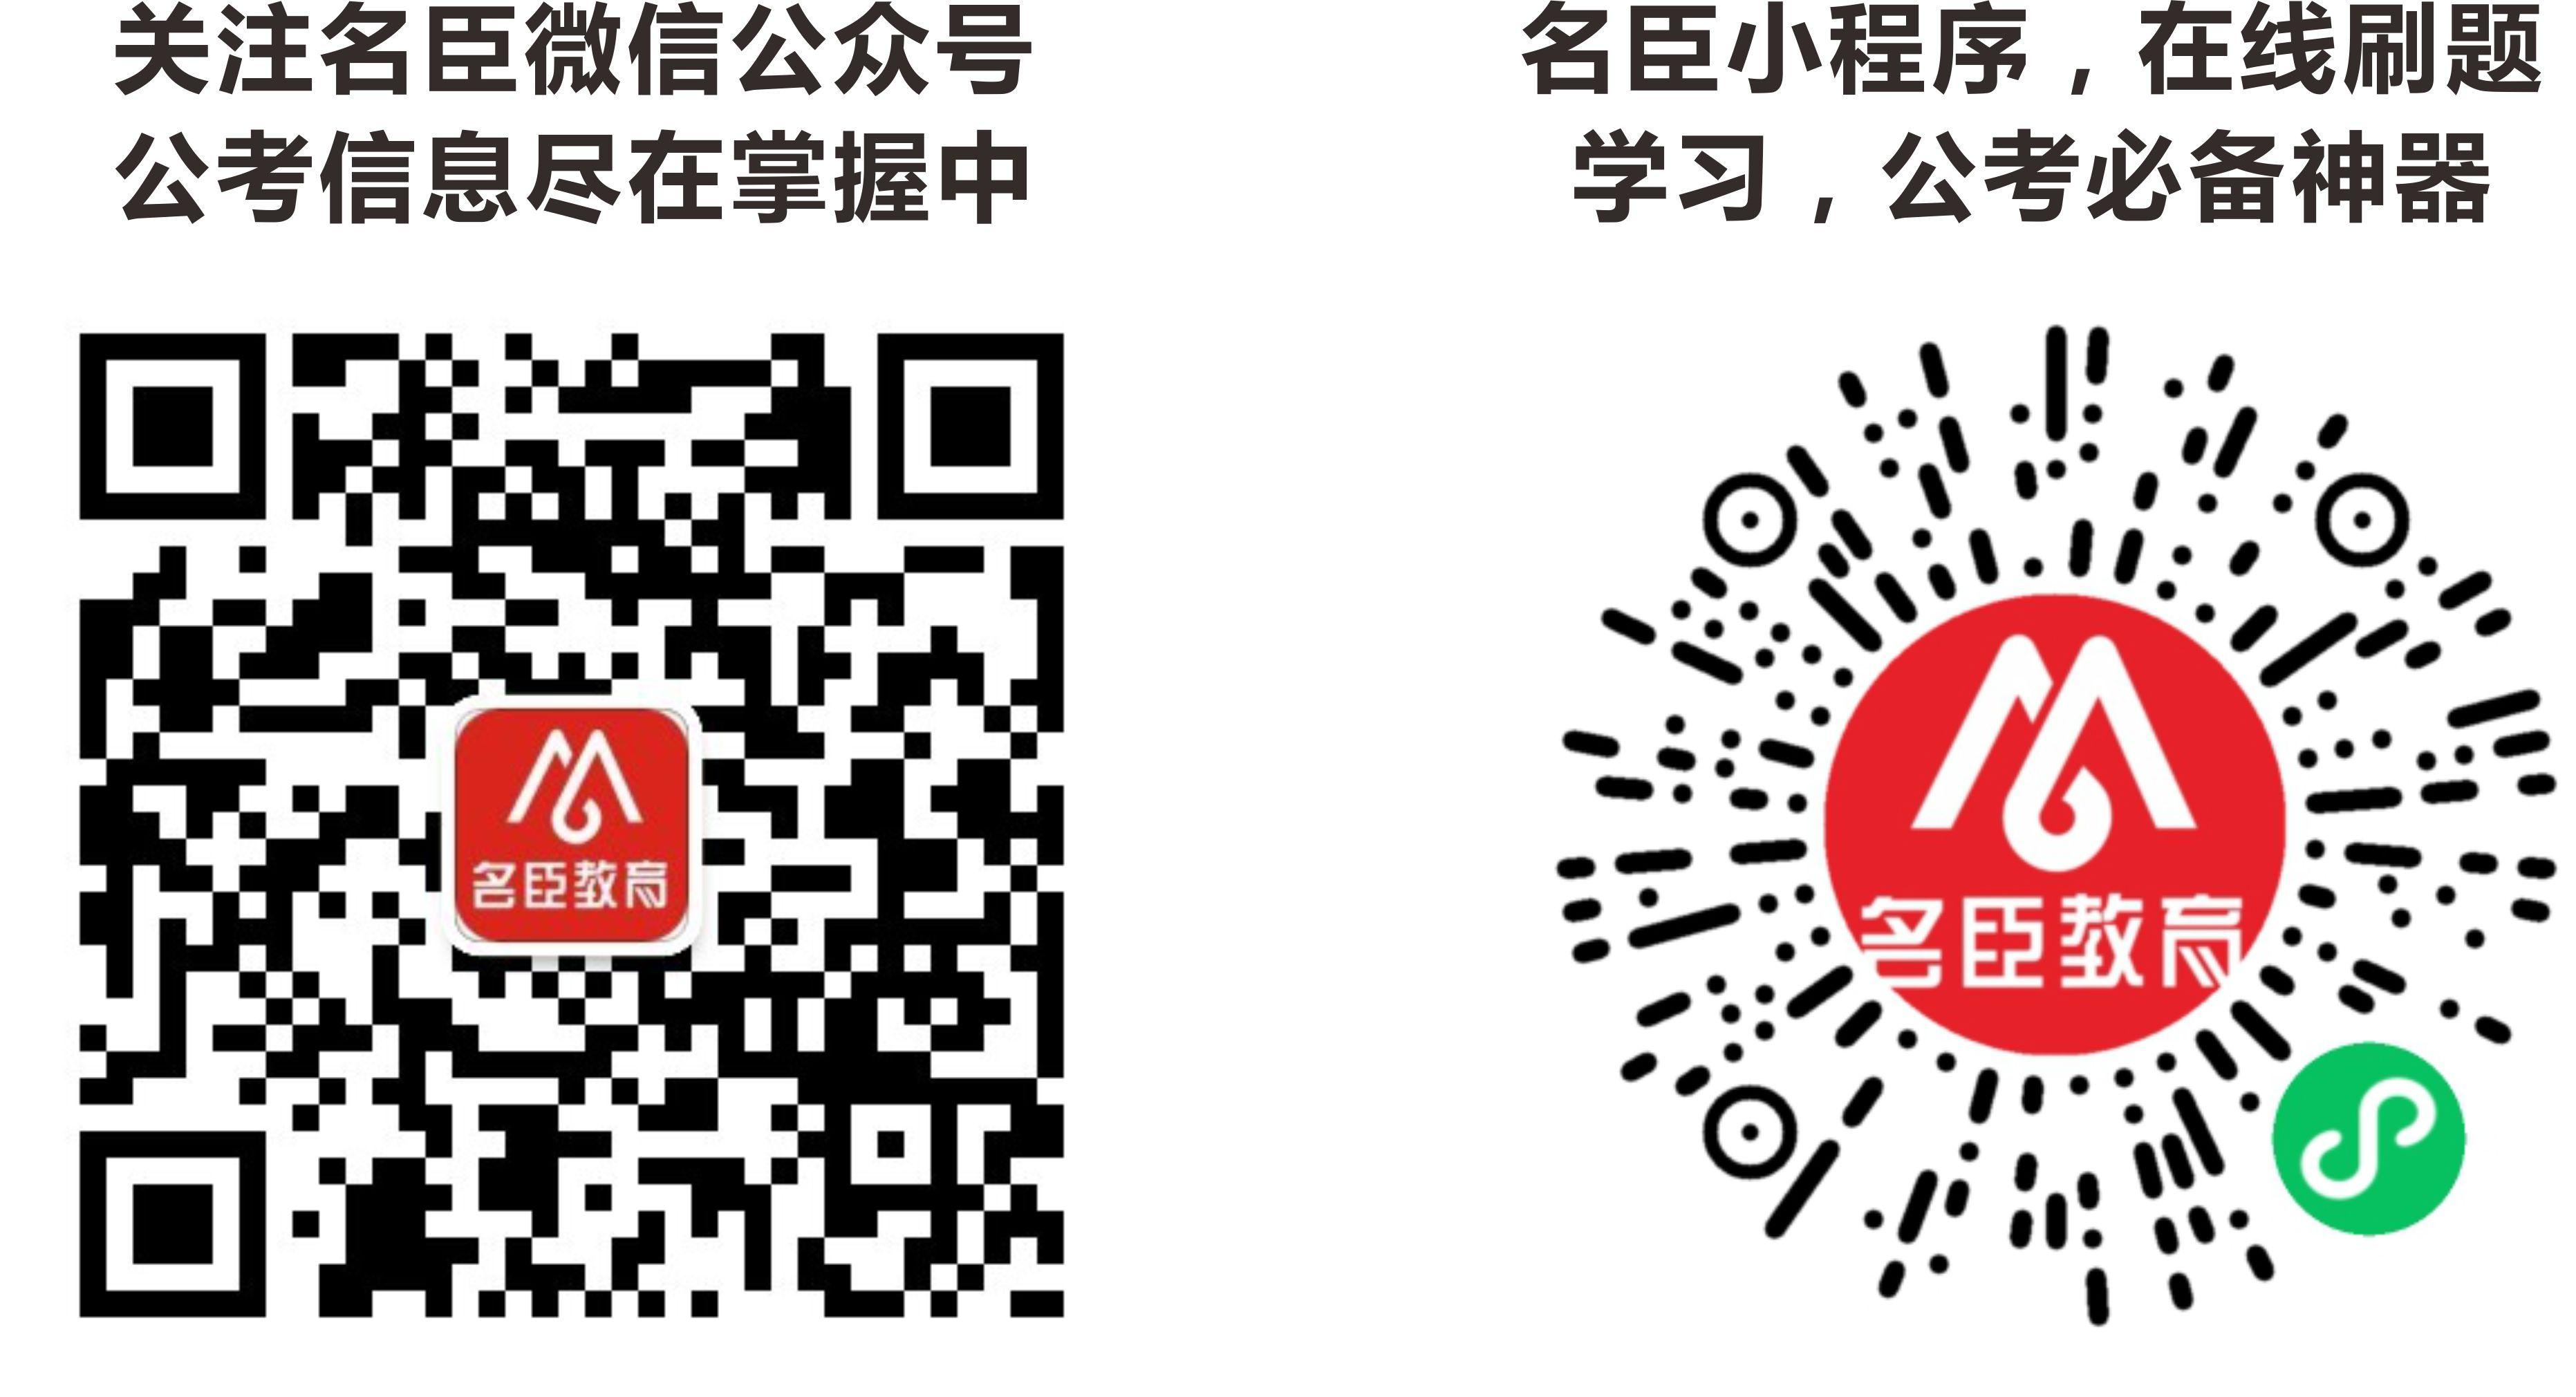 2020年12月5日四川省属《综合知识》真题(图17)